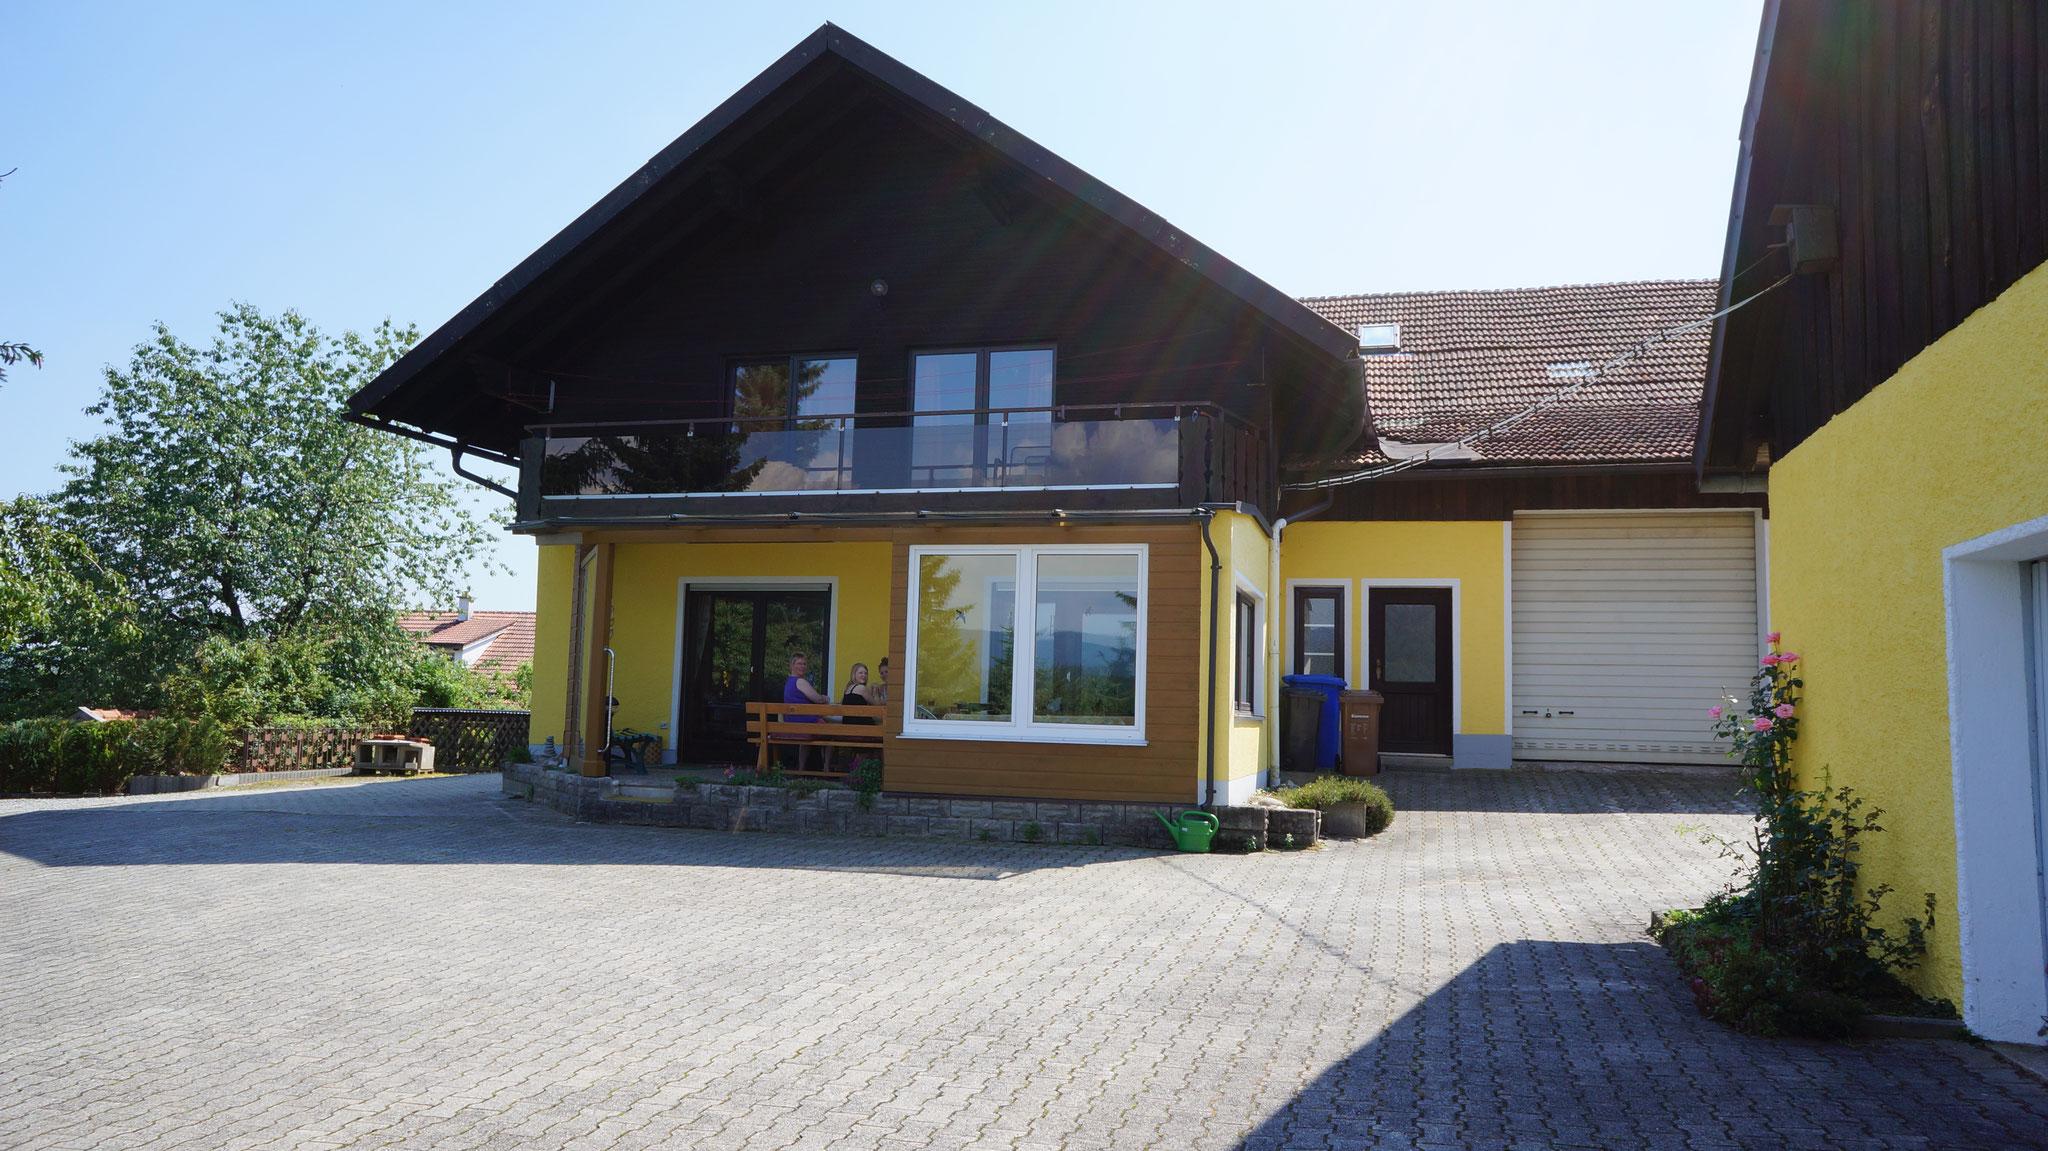 Ferienhaus mit überdachter Terrasse und Balkon